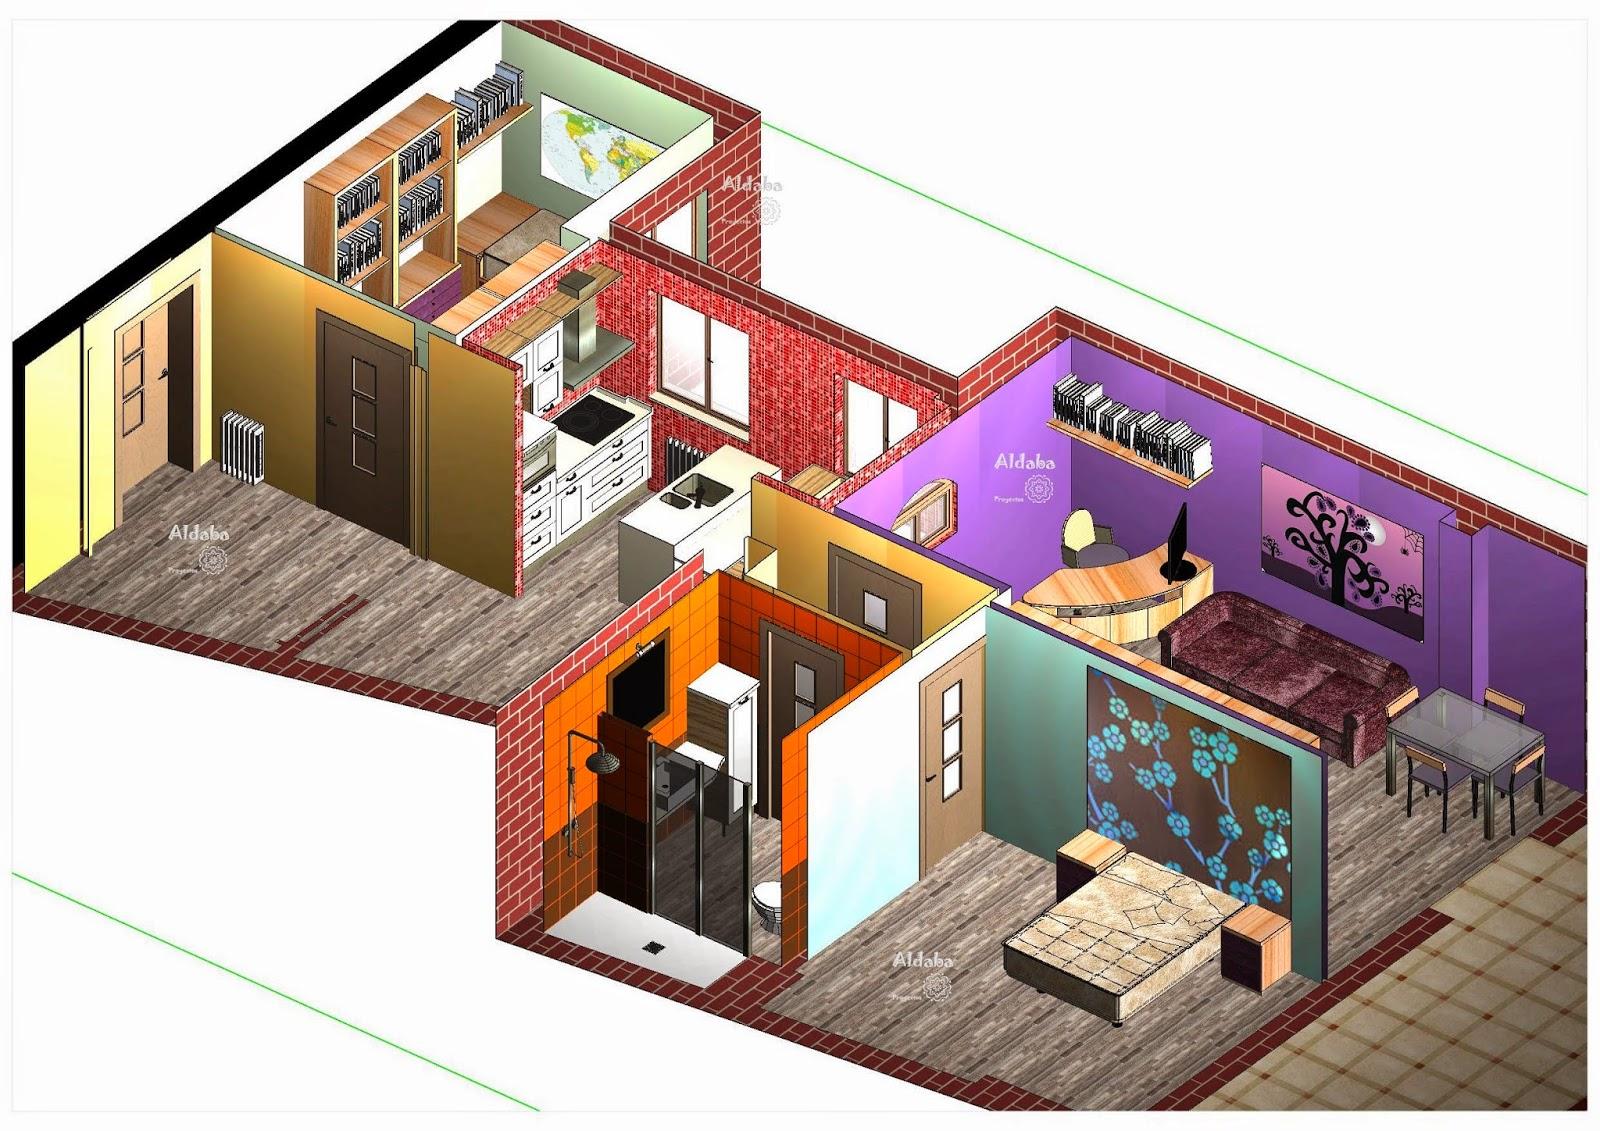 Aldaba proyectos vivienda de 73 m3 proyecto de reforma y equipamiento de cocina y ba o - Tirar tabique ...